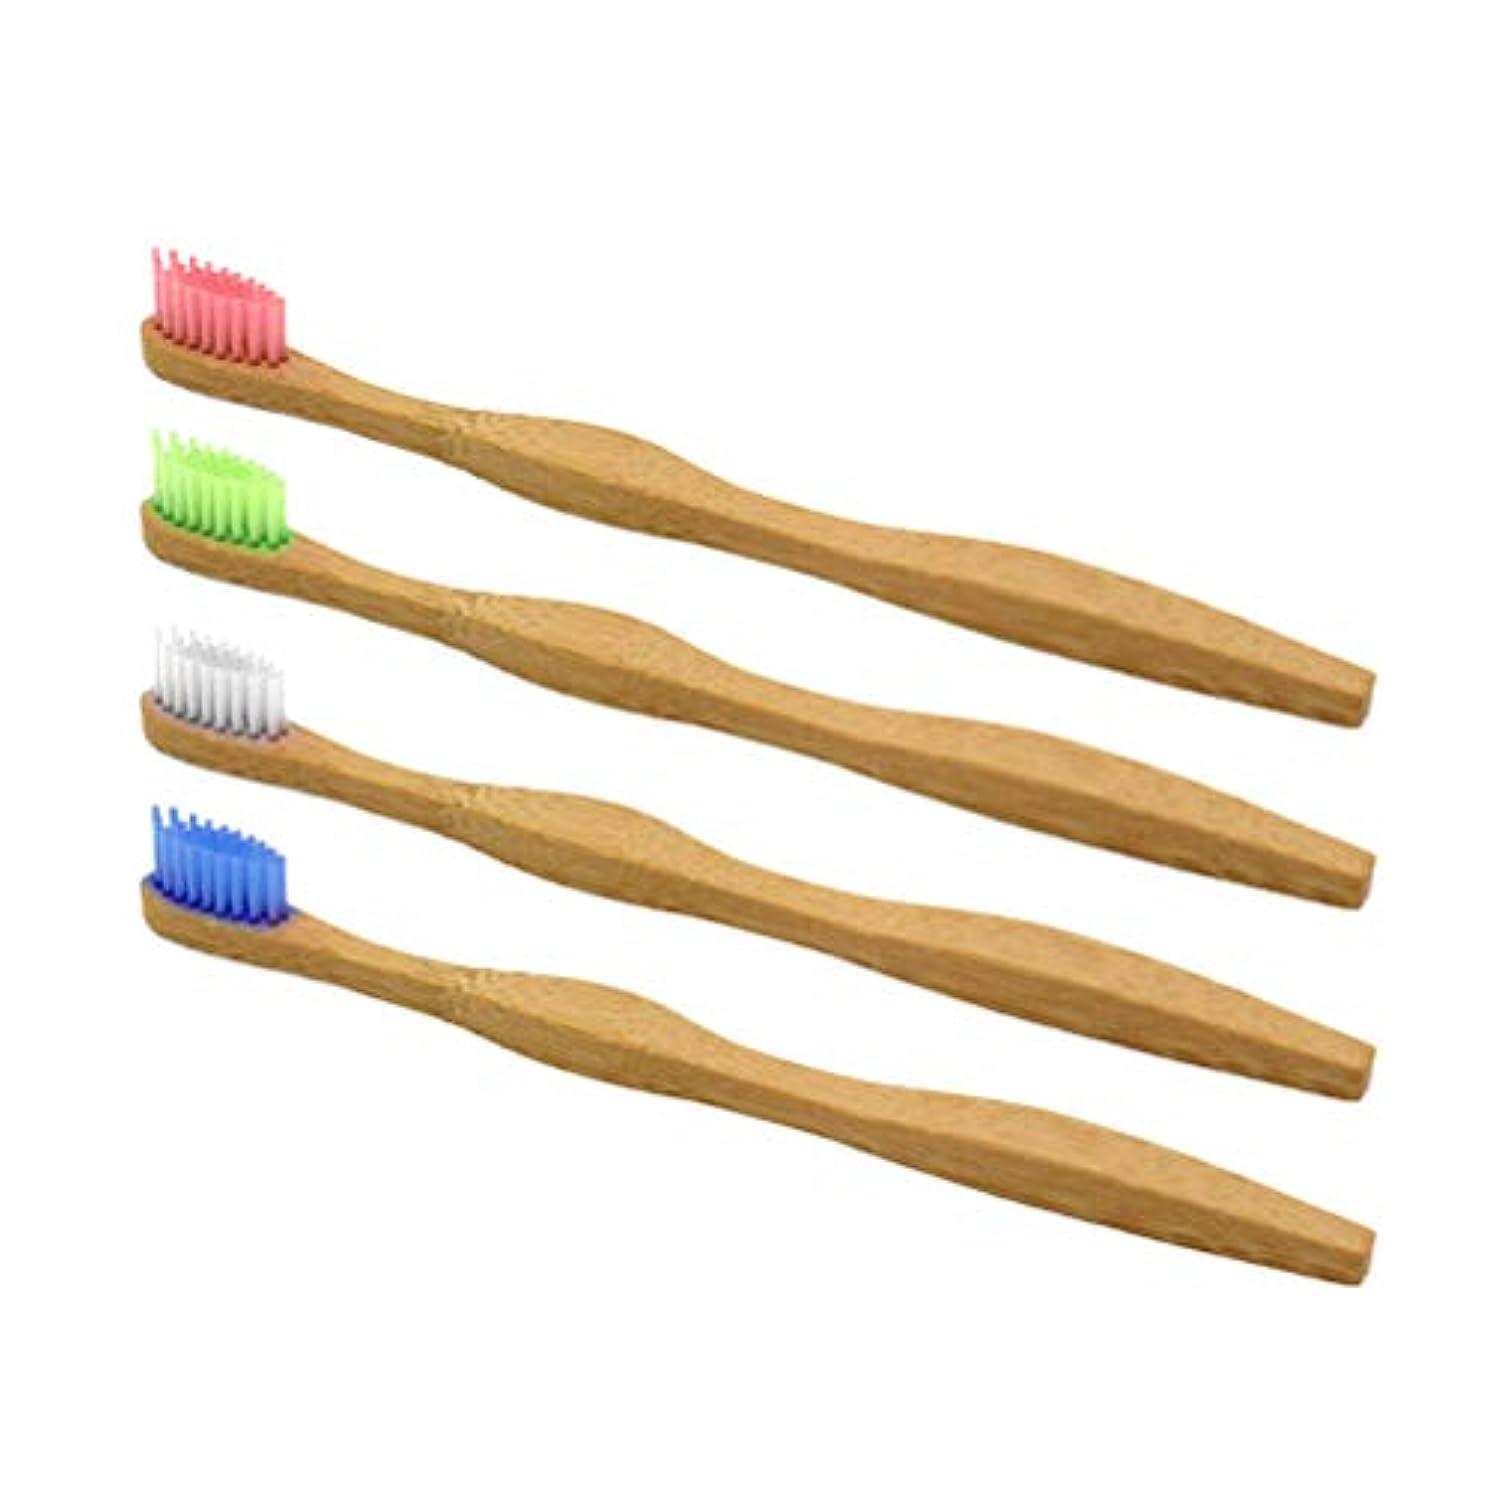 伝える幽霊アジア人Healifty 家庭用旅行のためのソフト歯ブラシ竹ハンドル歯ブラシ4本